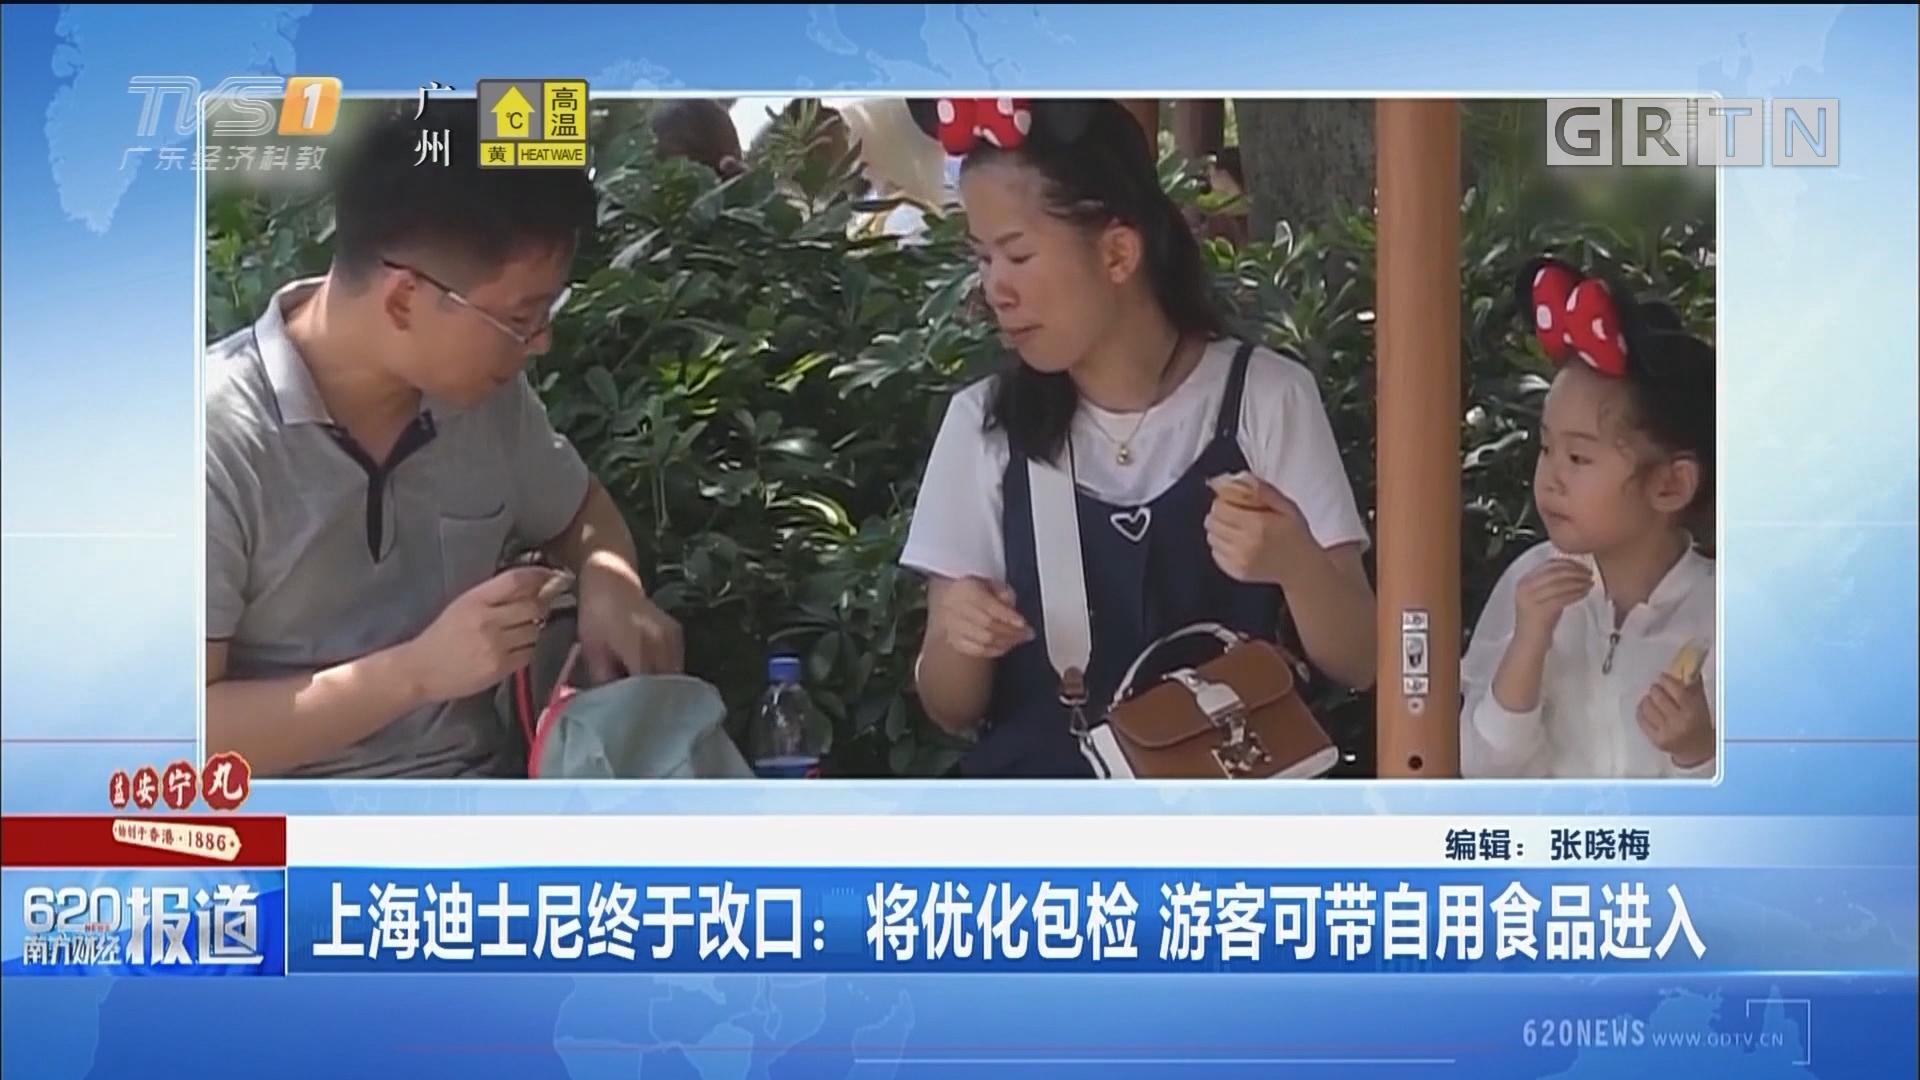 上海迪士尼终于改口:将优化包检 游客可带自用食品进入